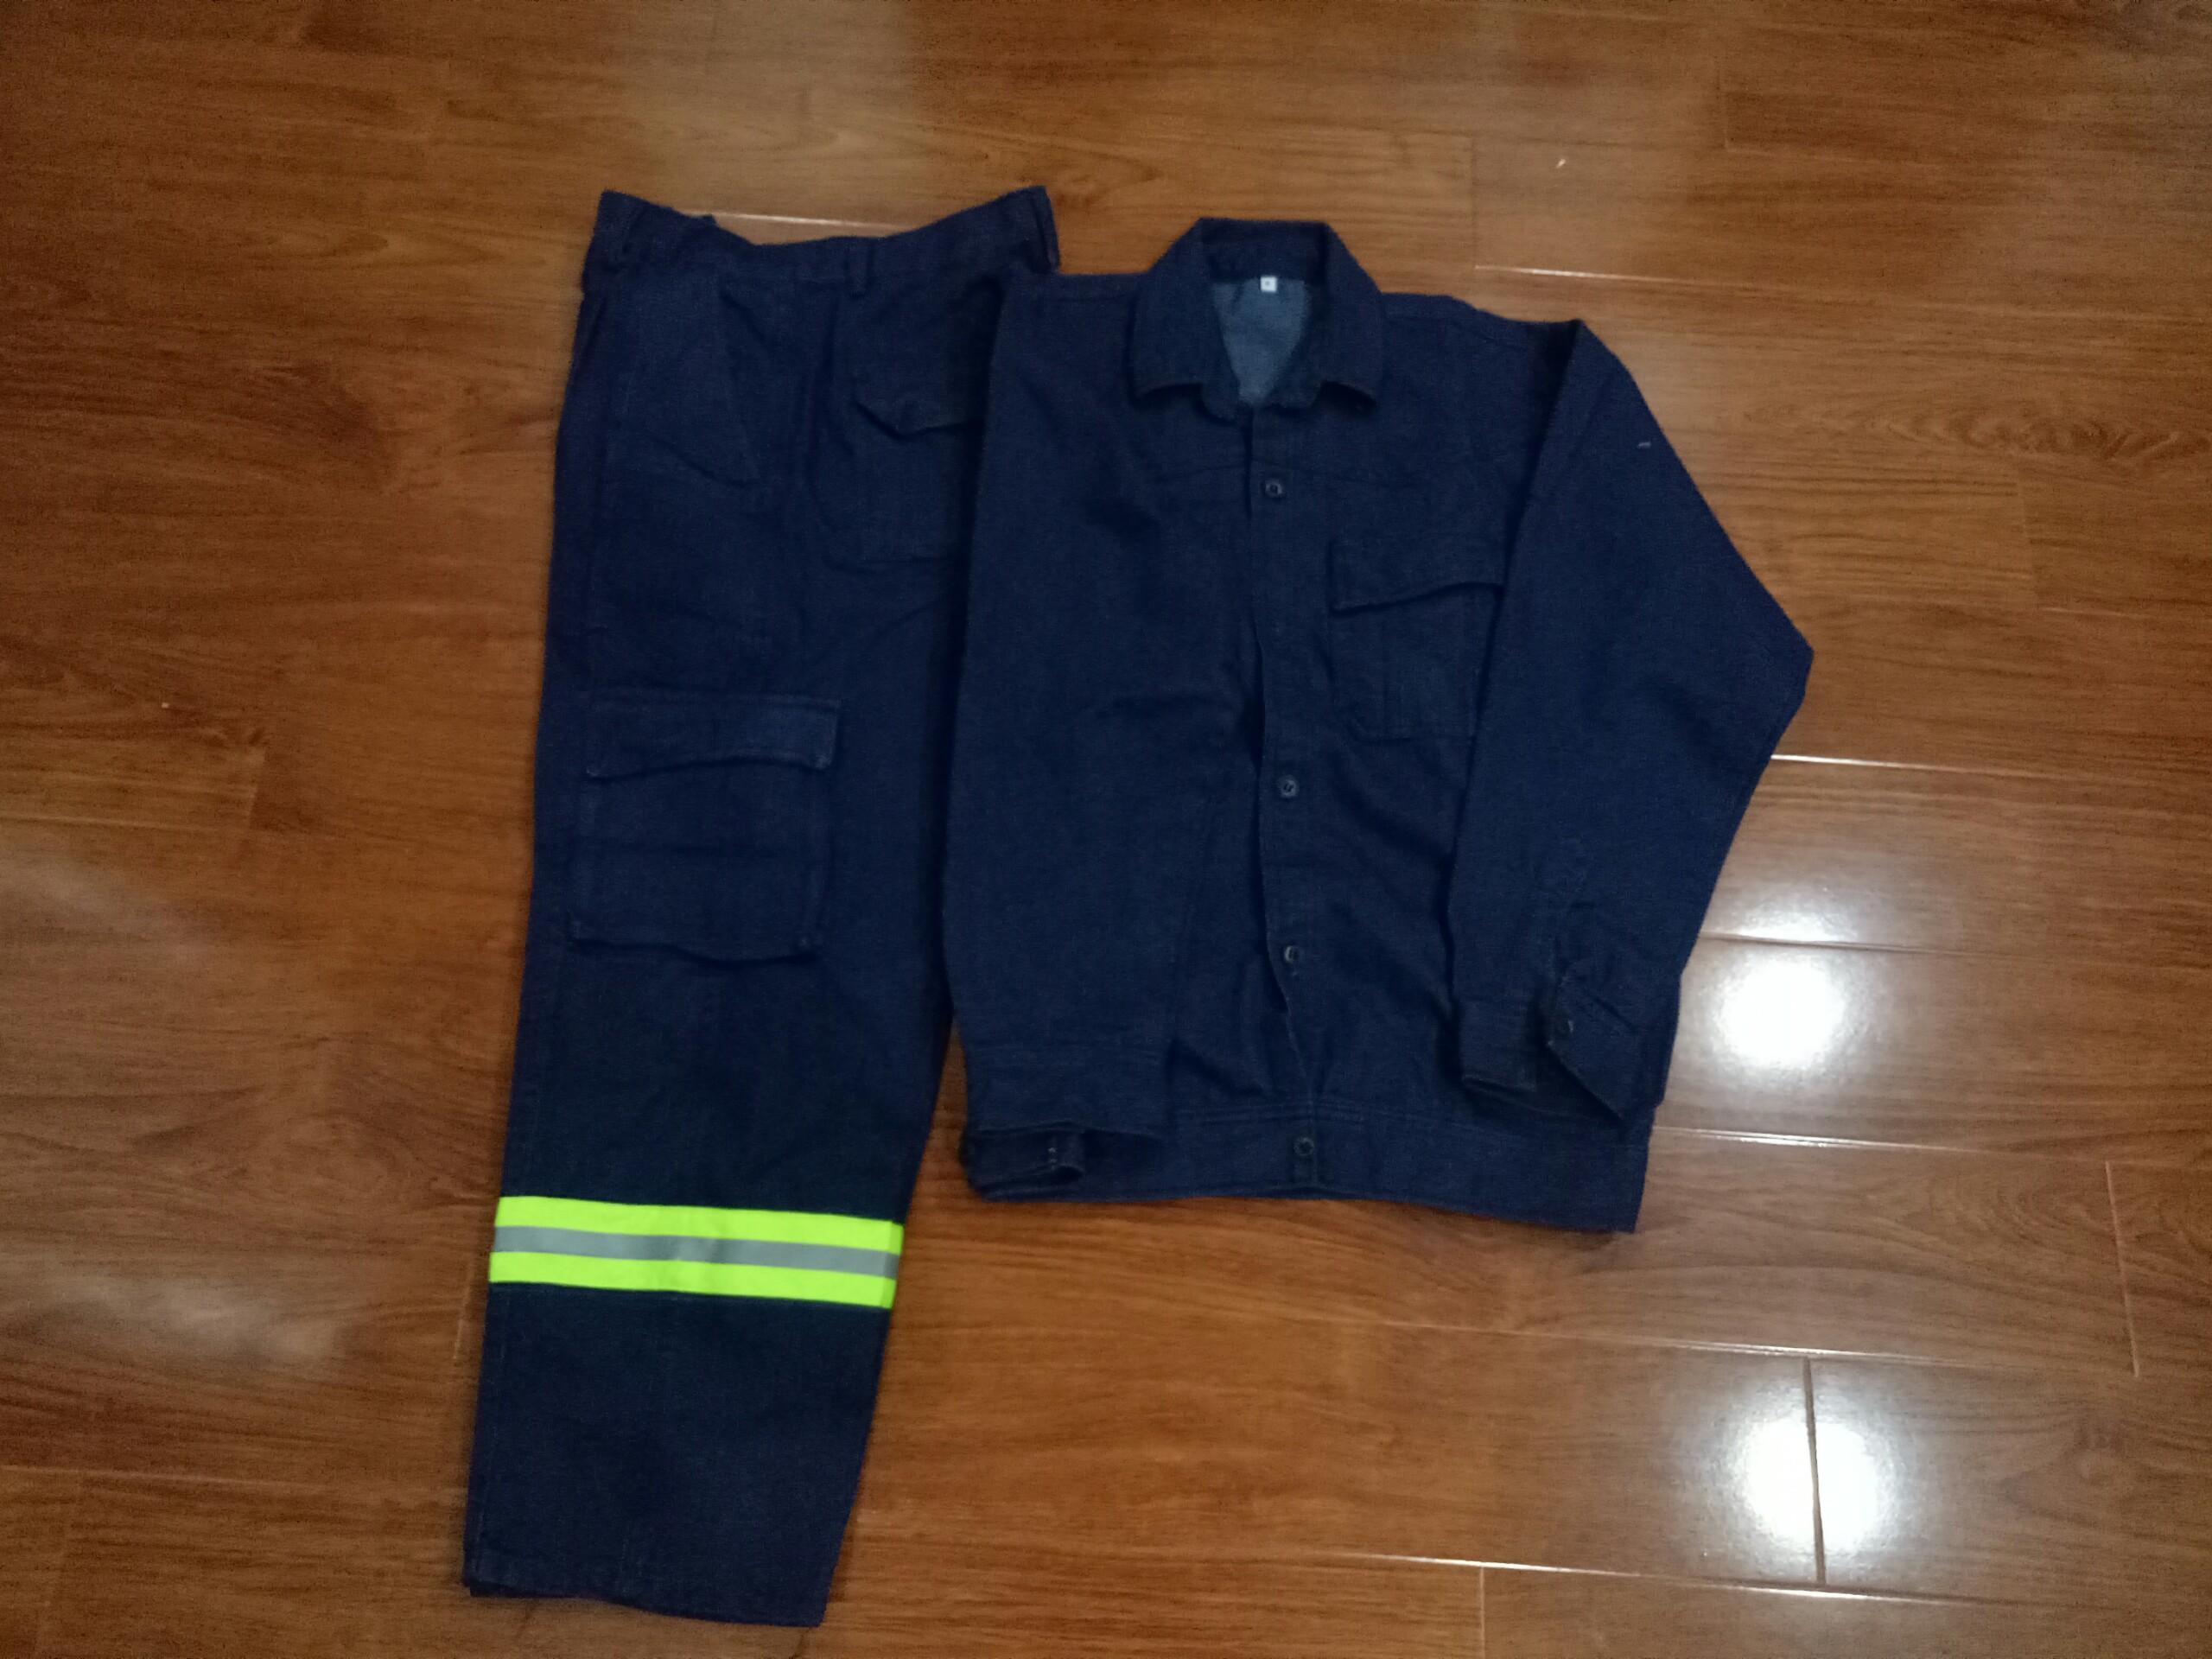 [HCM] Giảm giá Quần áo điện lực kèm dây phản quang/ Đồng phục điện lực theo tiêu chuẩn- Đủ size ( Kèm hình thật)